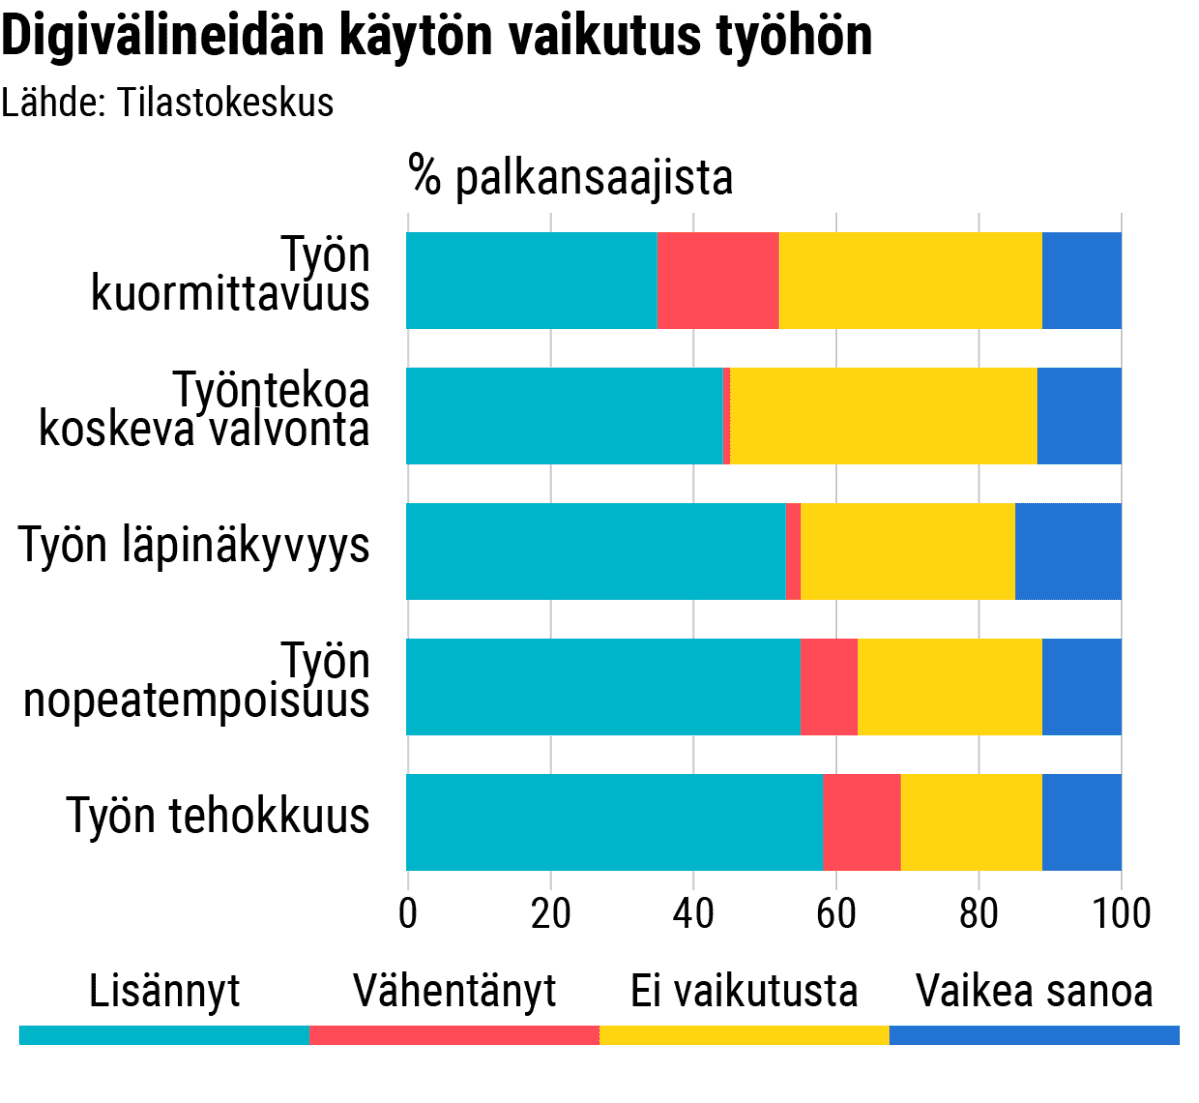 Tilastografiikka: Digivälineidän käytön vaikutus työhön